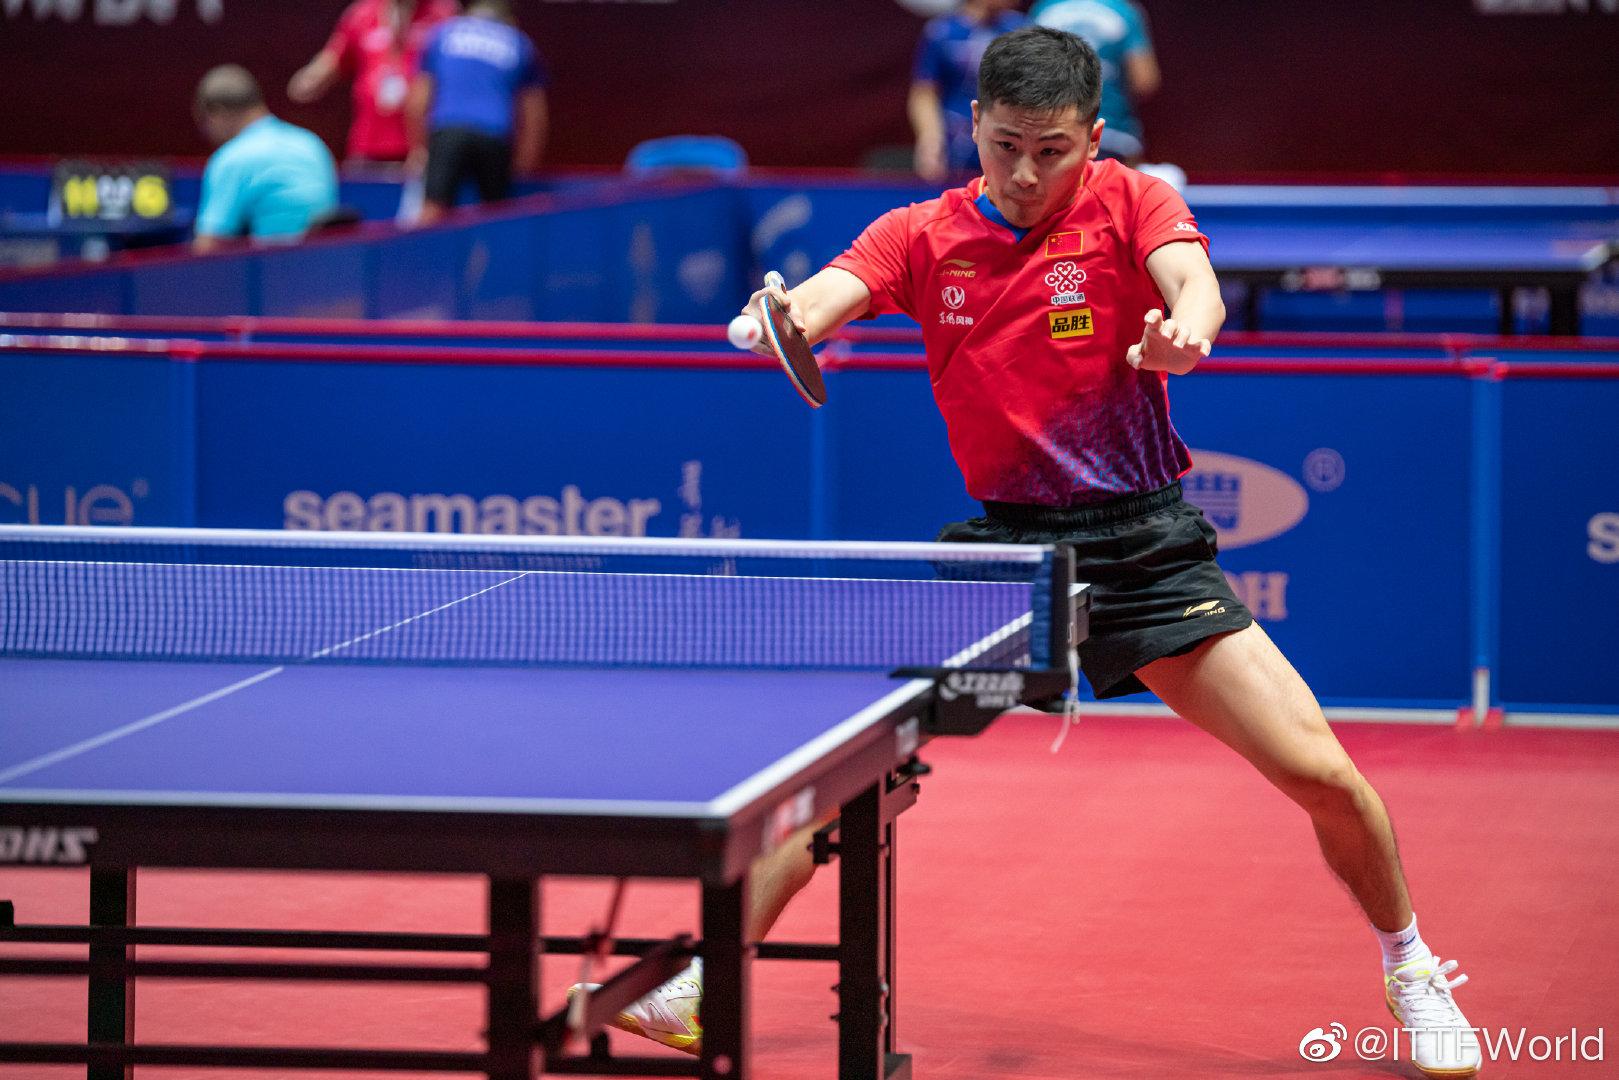 首日战毕,中国男队郑培锋4比1战胜立陶宛选手斯坦科维切斯